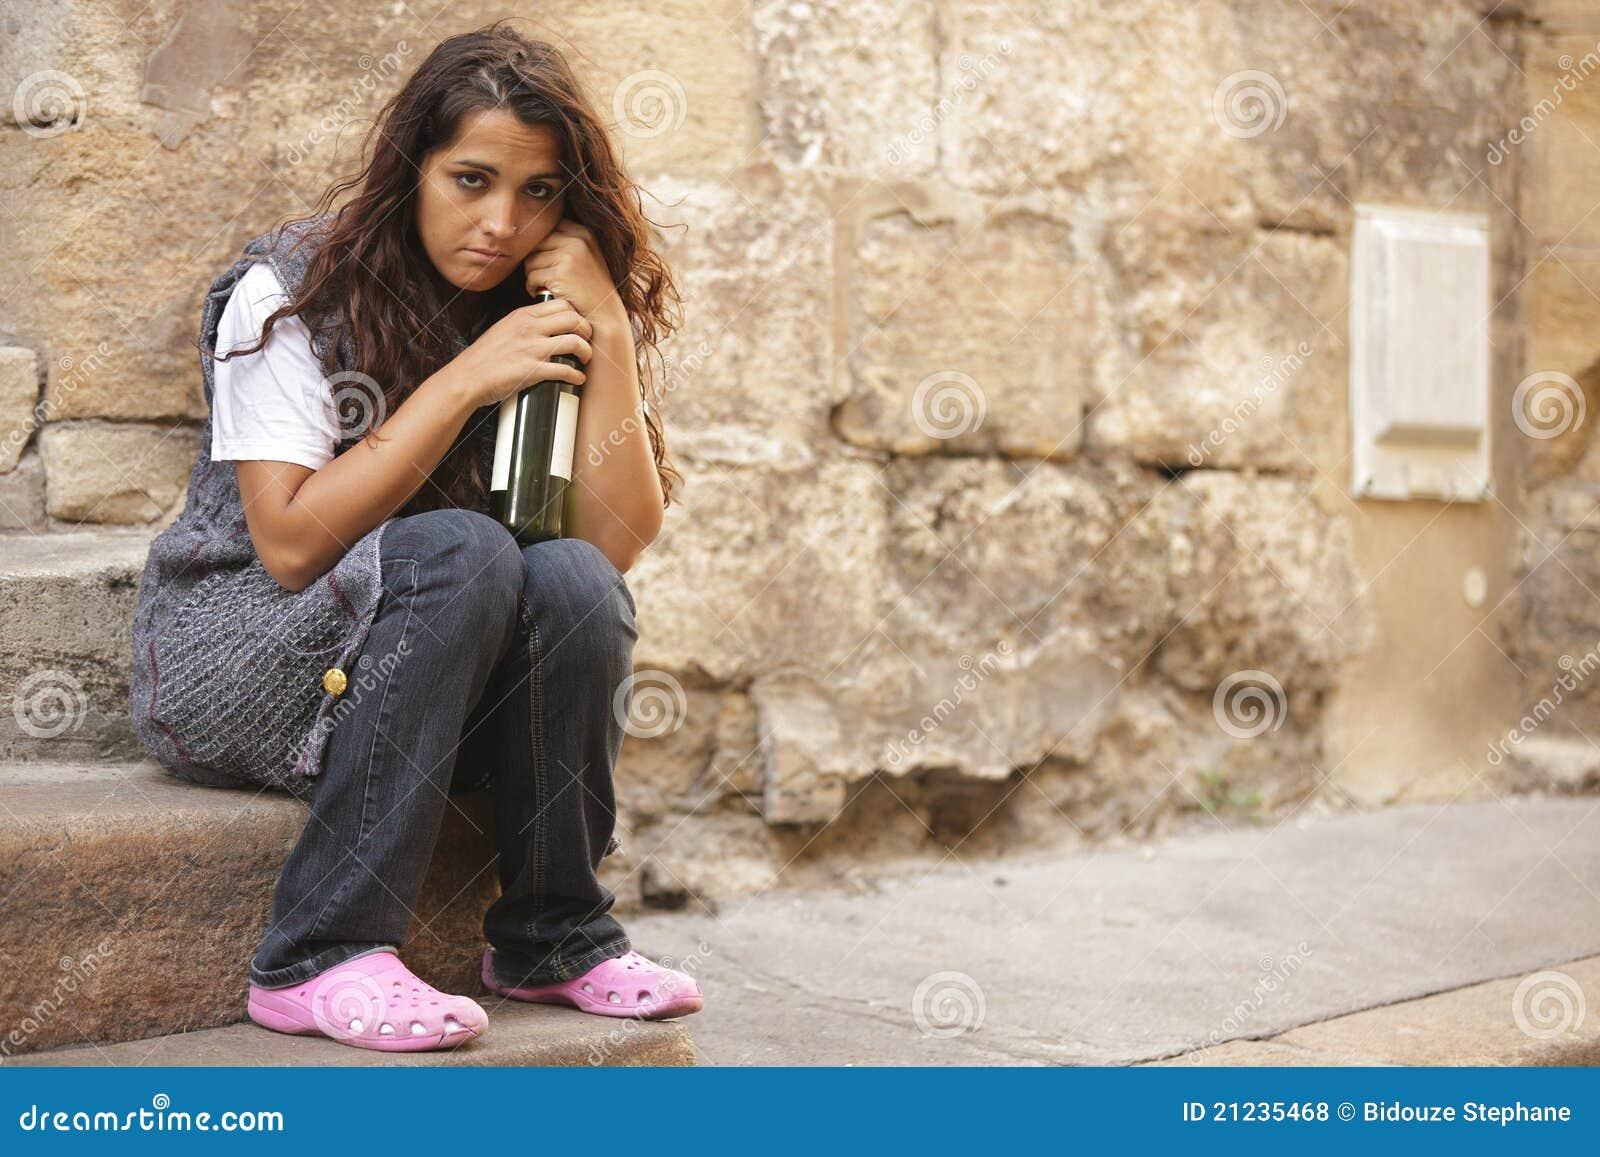 Фото бедной девушки 1 фотография